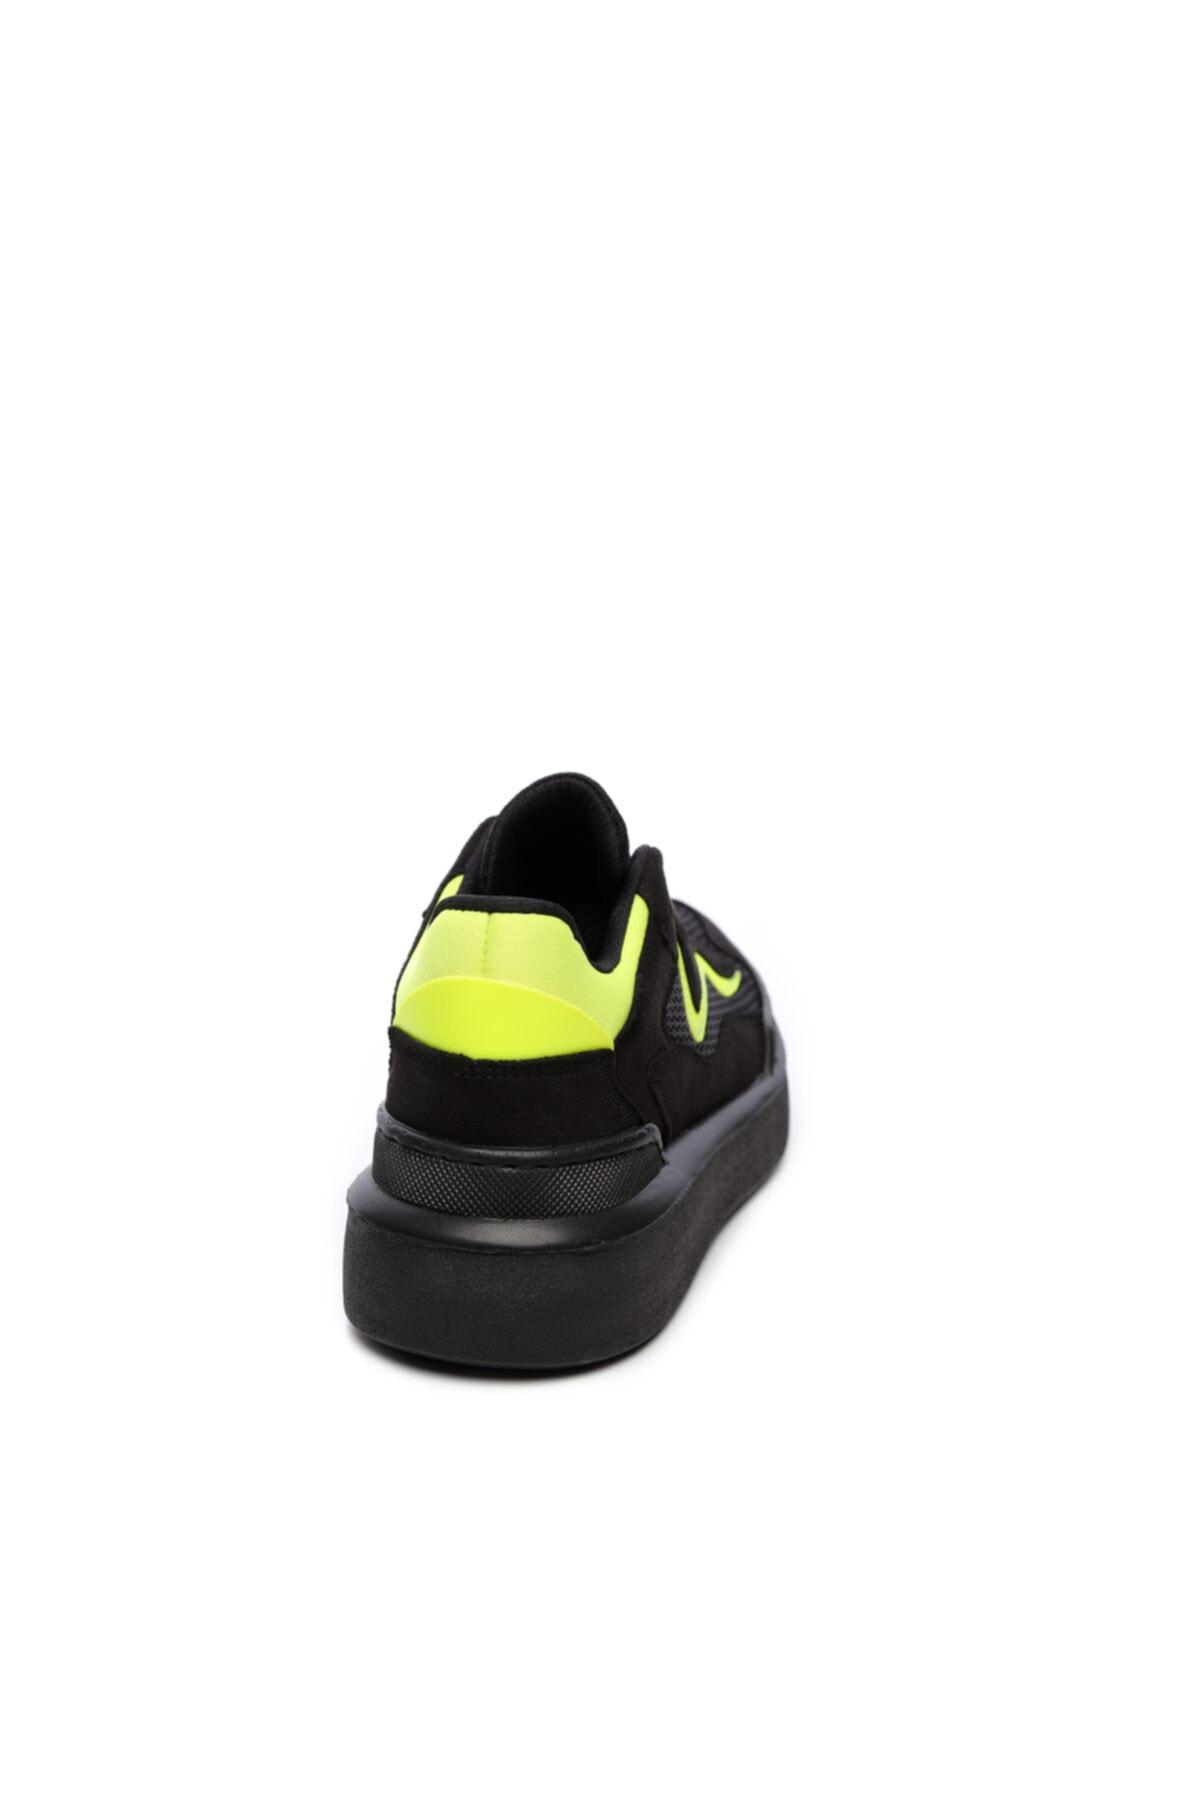 Kemal Tanca Kadın Vegan Sneakers & Spor Ayakkabı 758 Z 4696 Bn Ayk Sk19-20